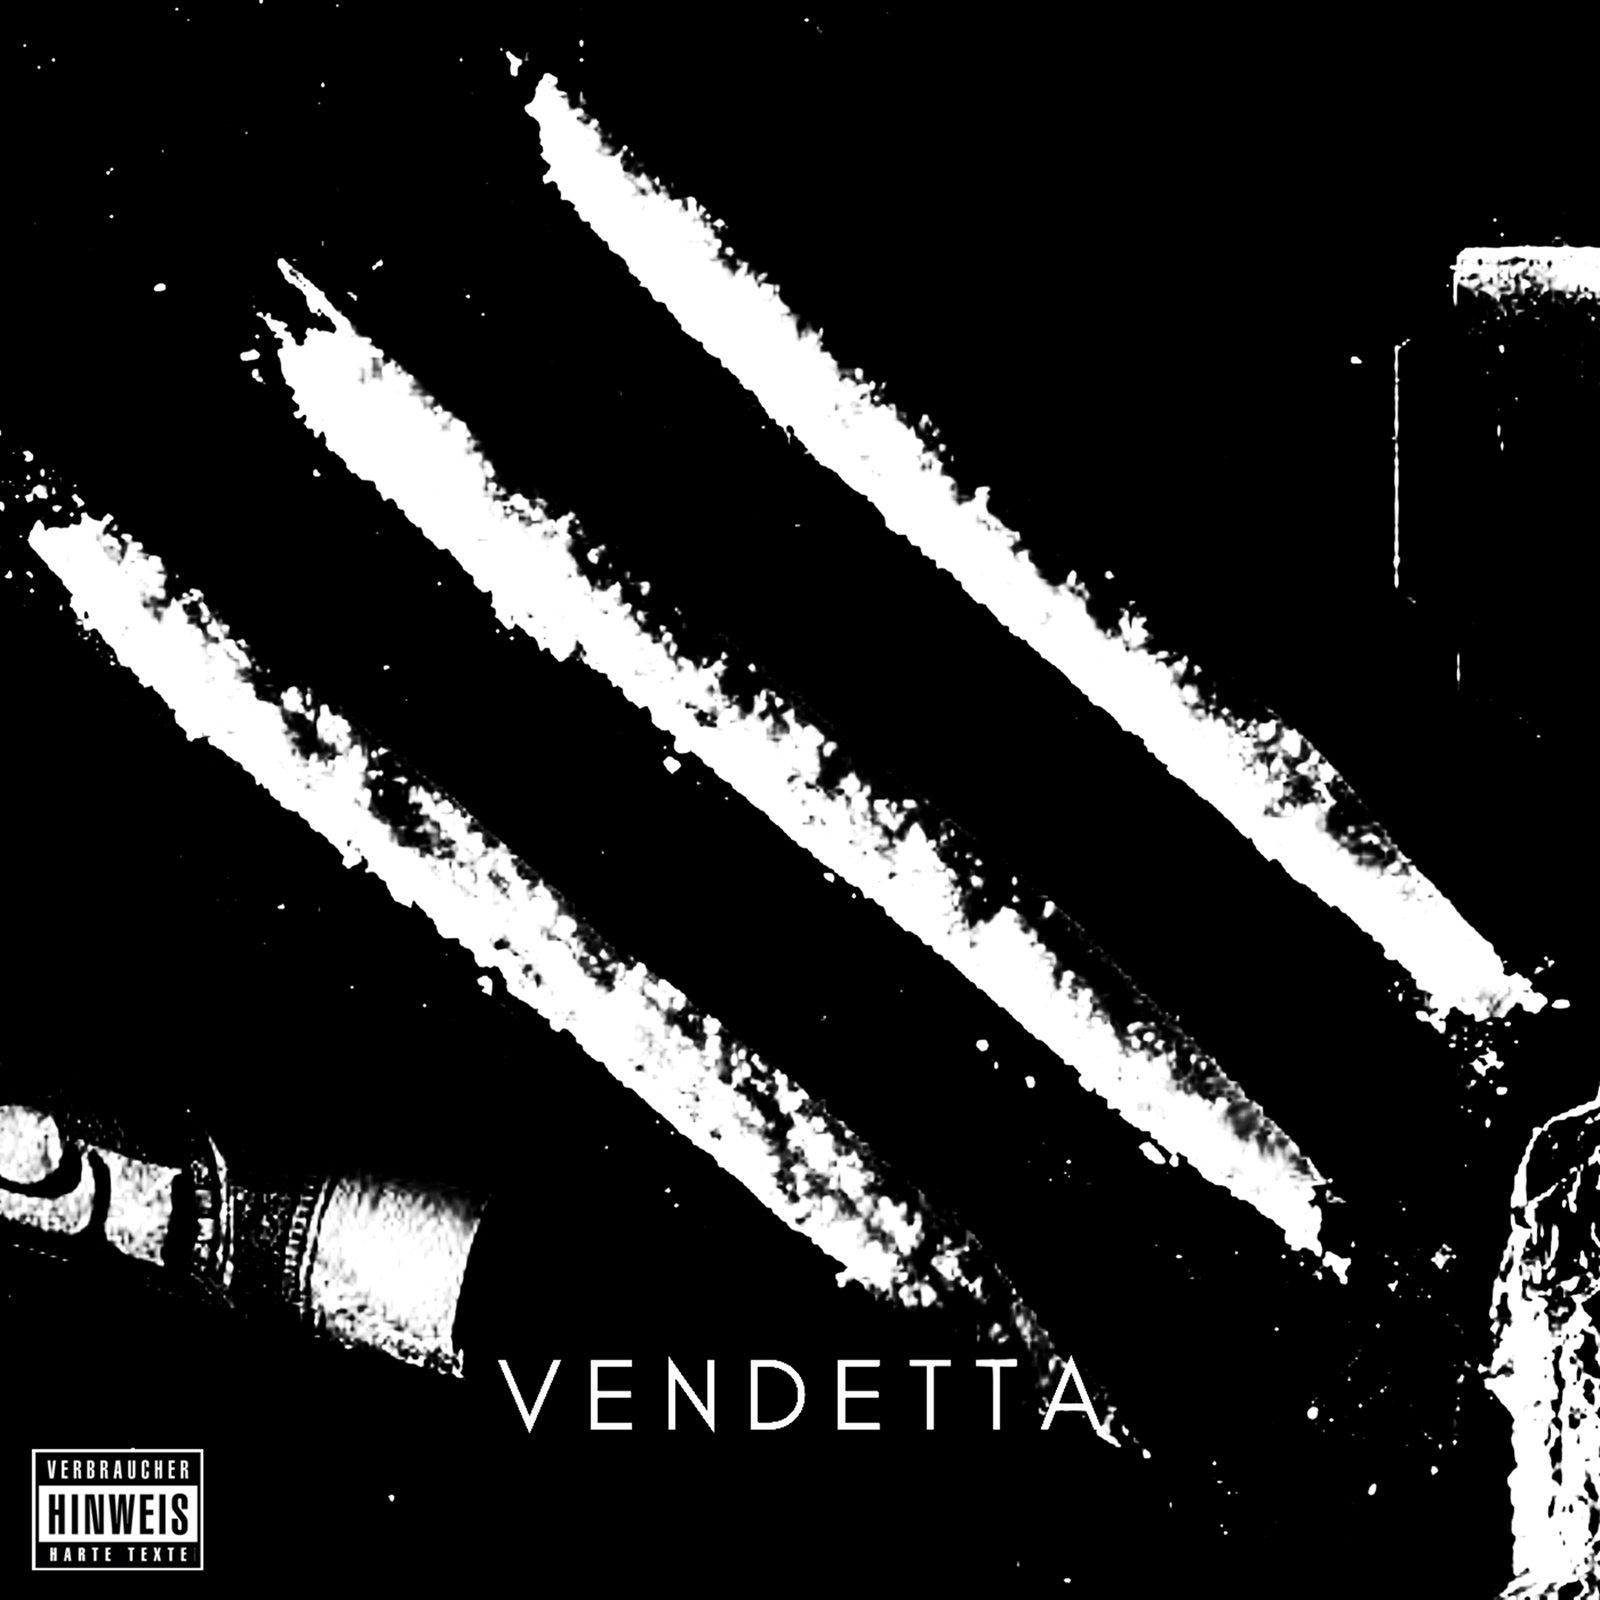 Upcoming: Jaron - Vendetta